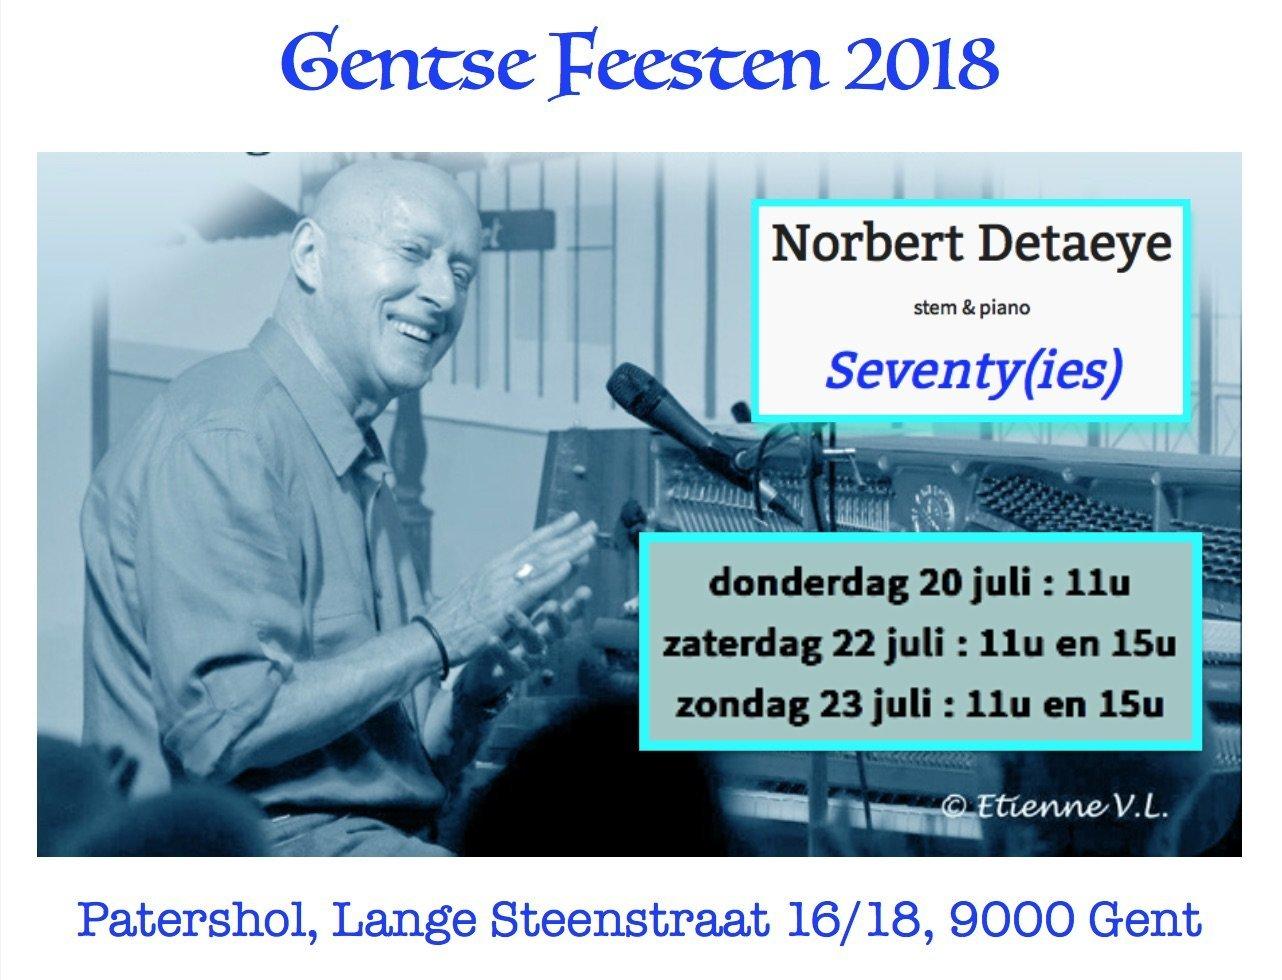 NorbertDetaeyeGantseFeesten2018 (afficheRFC0954).jpg